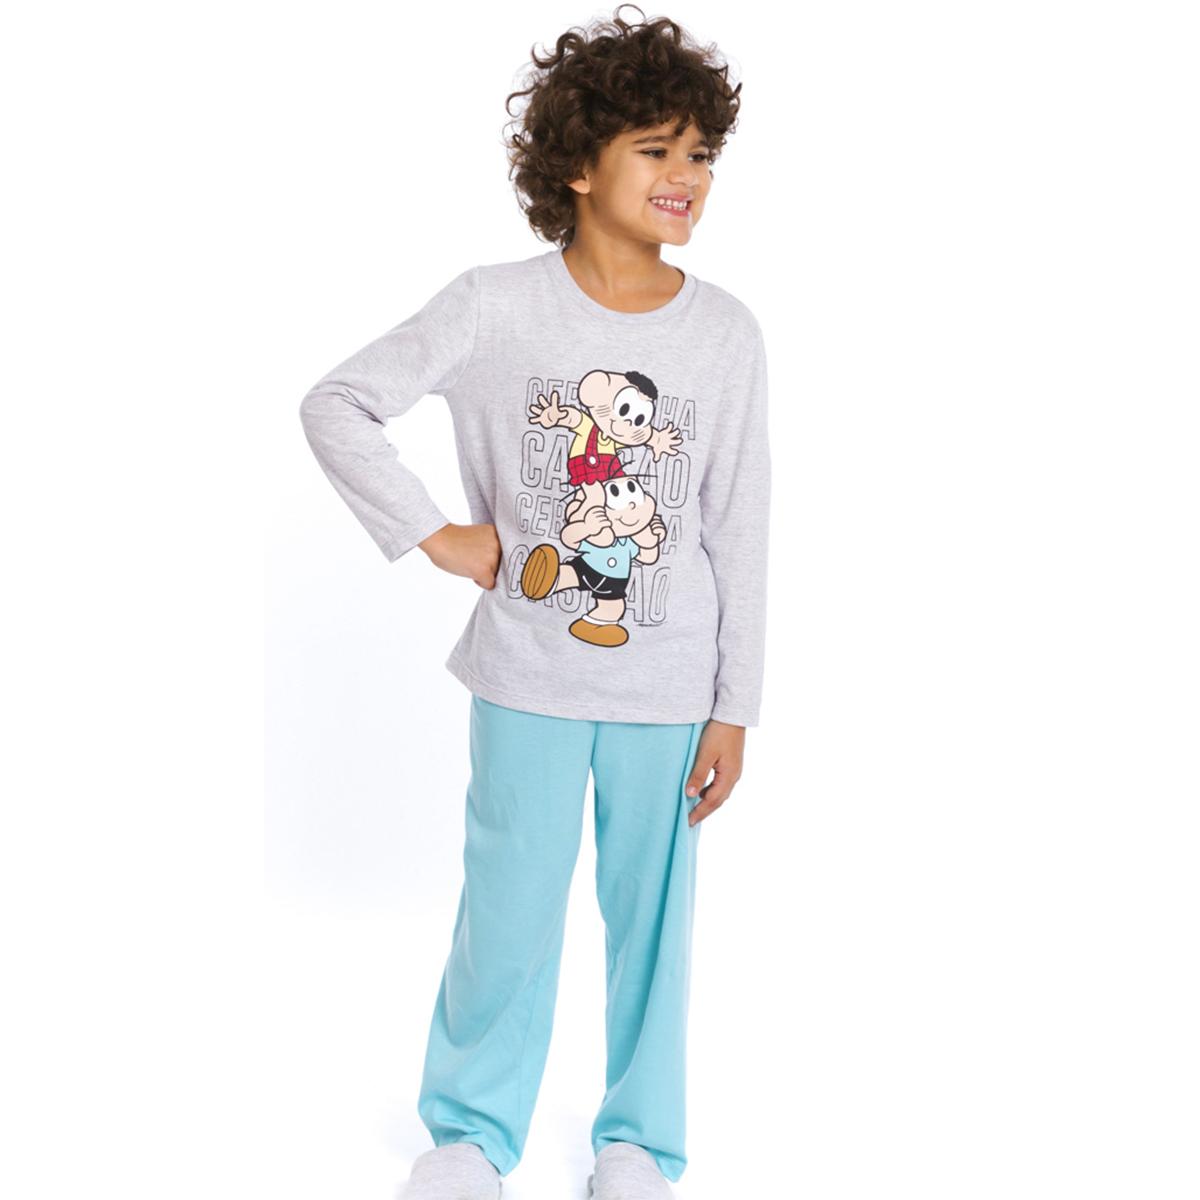 Pijama infantil menino turma da mônica algodão frio